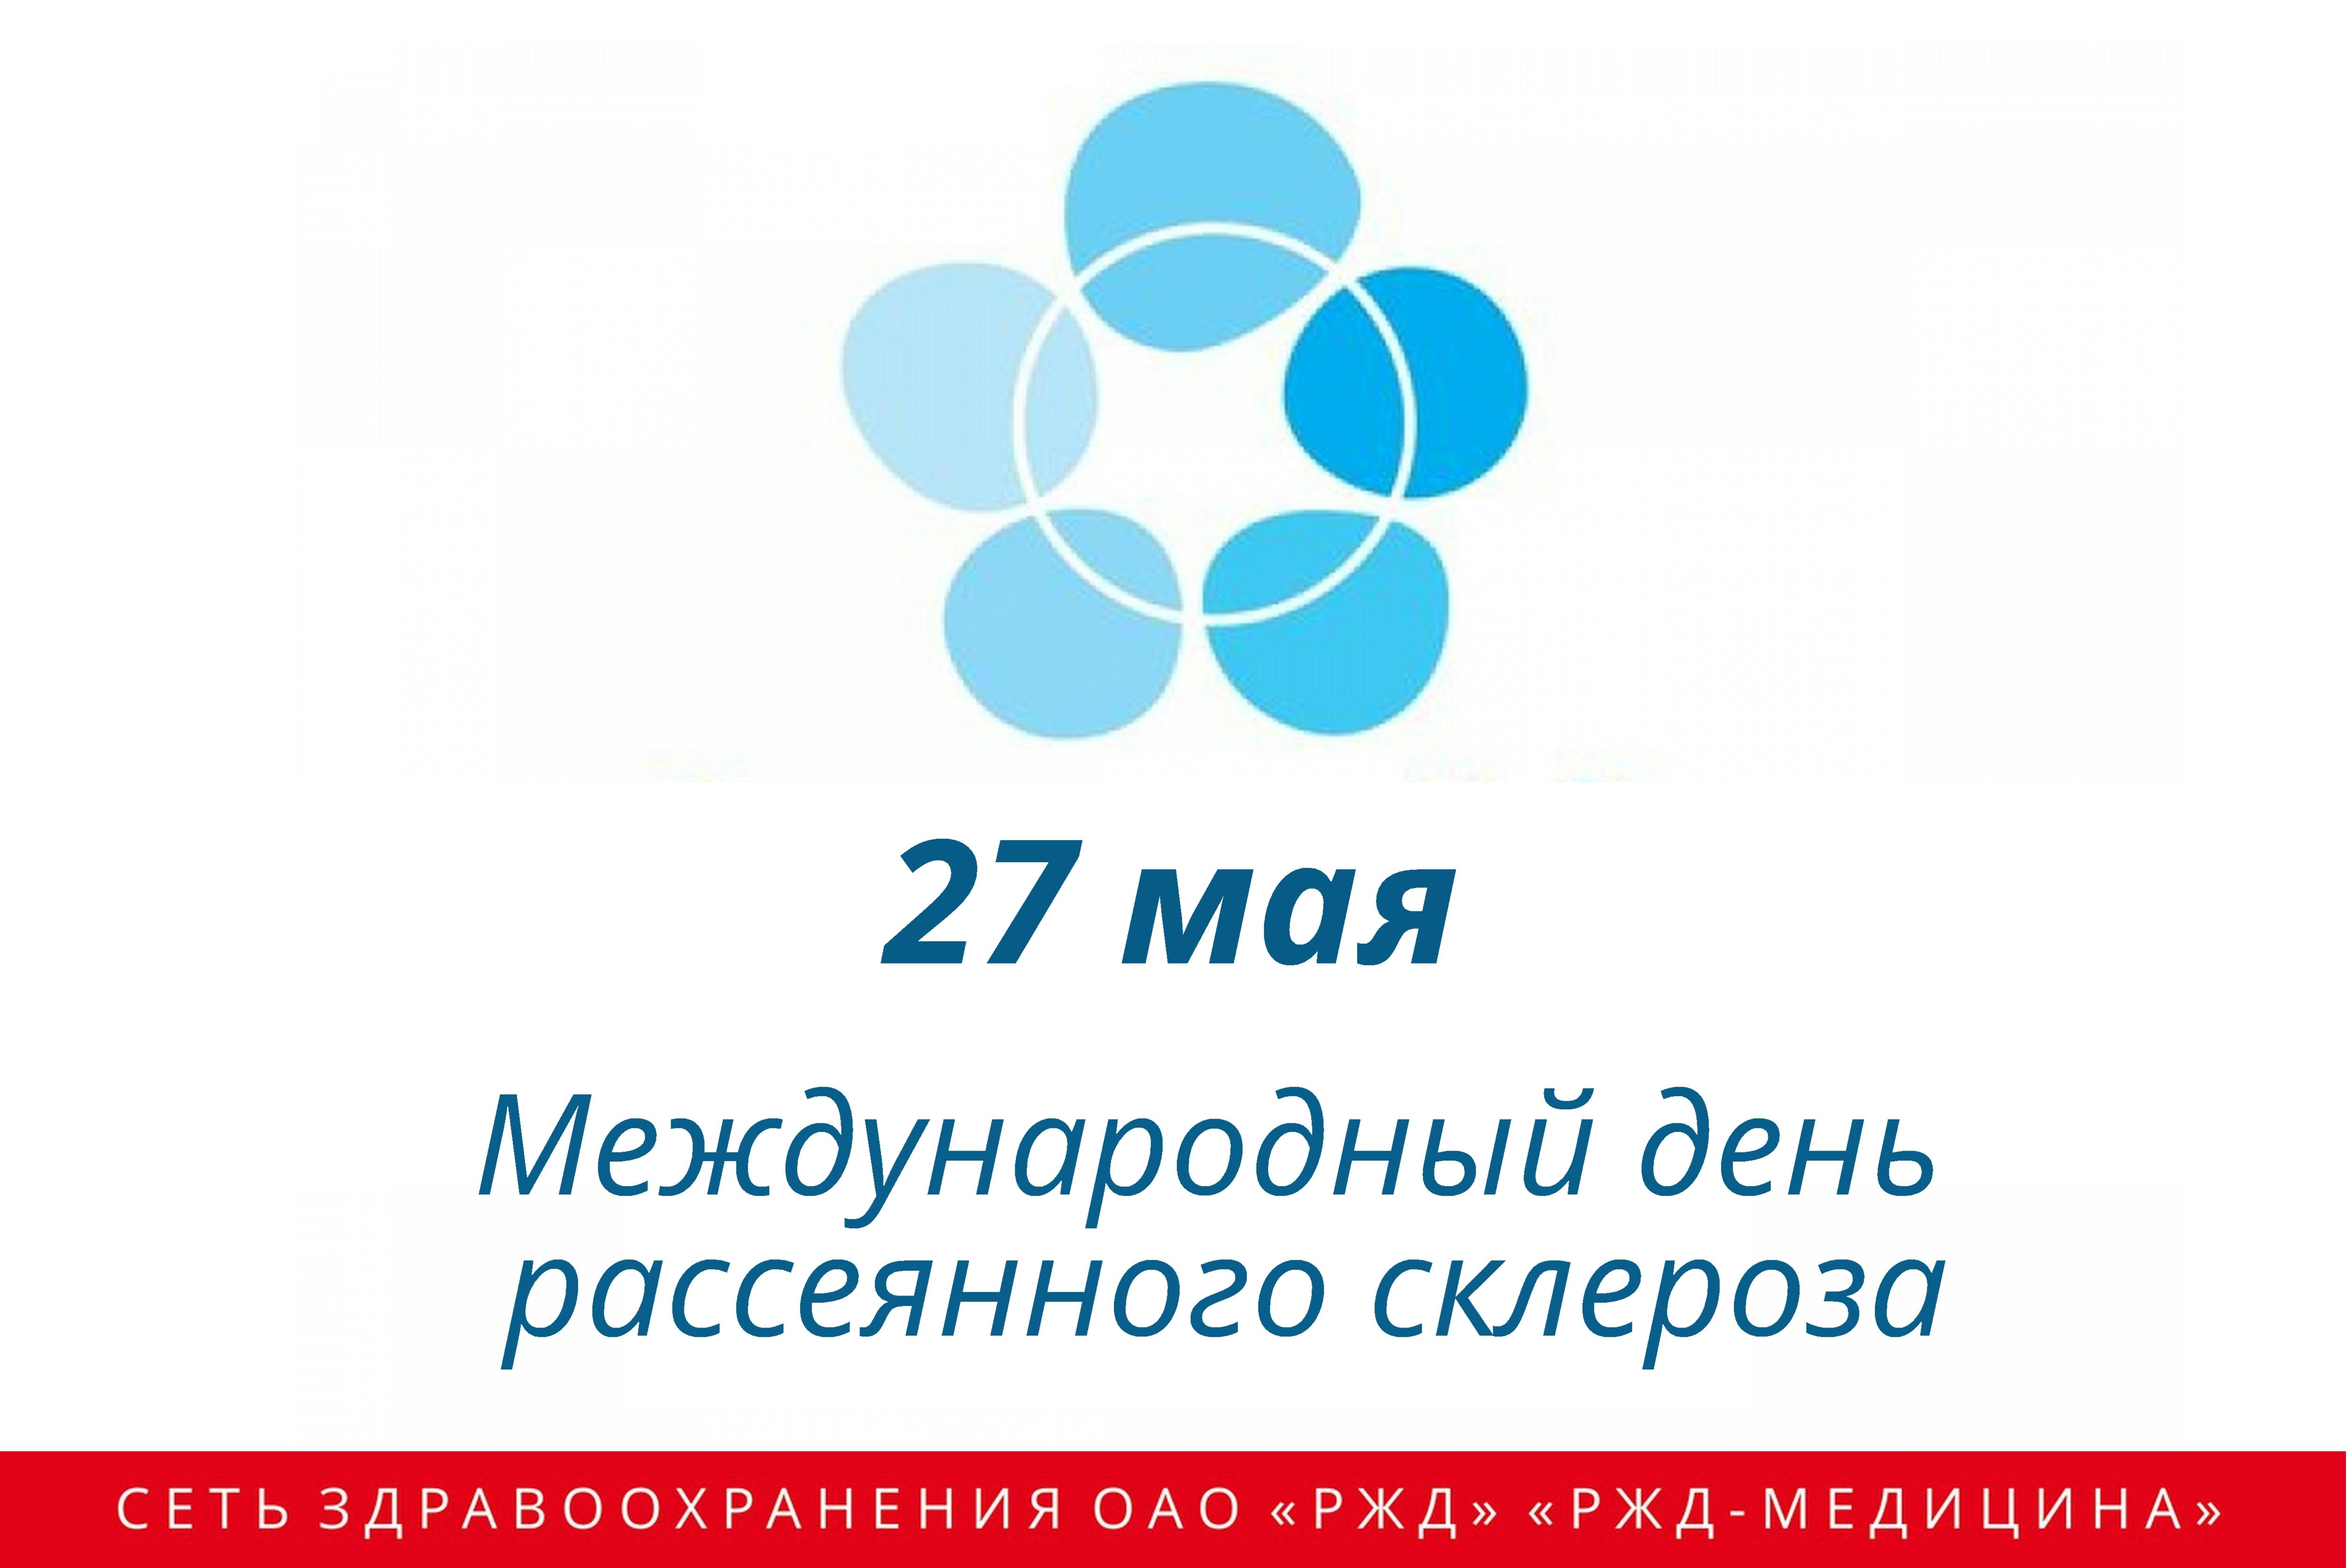 27 мая Международный День Рассеянного склероза